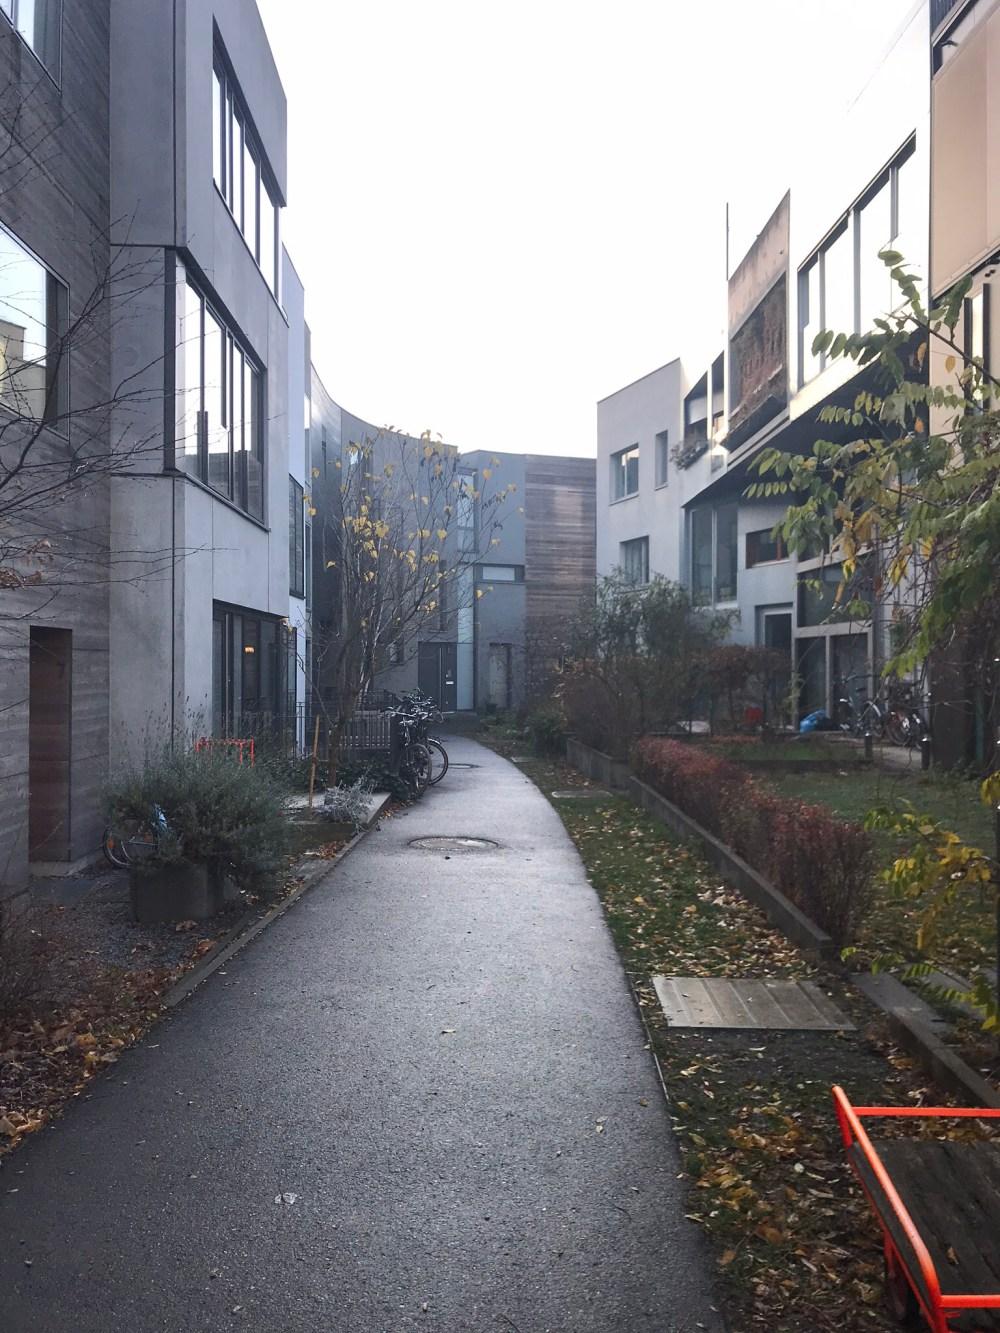 Para variar, gosto de encontrar ruelas por onde vou que retratam um pouco mais da aura da cidade e essa aqui fala muito sobre o meu conceito de Berlim: contemporâneo, cada um do seu jeito